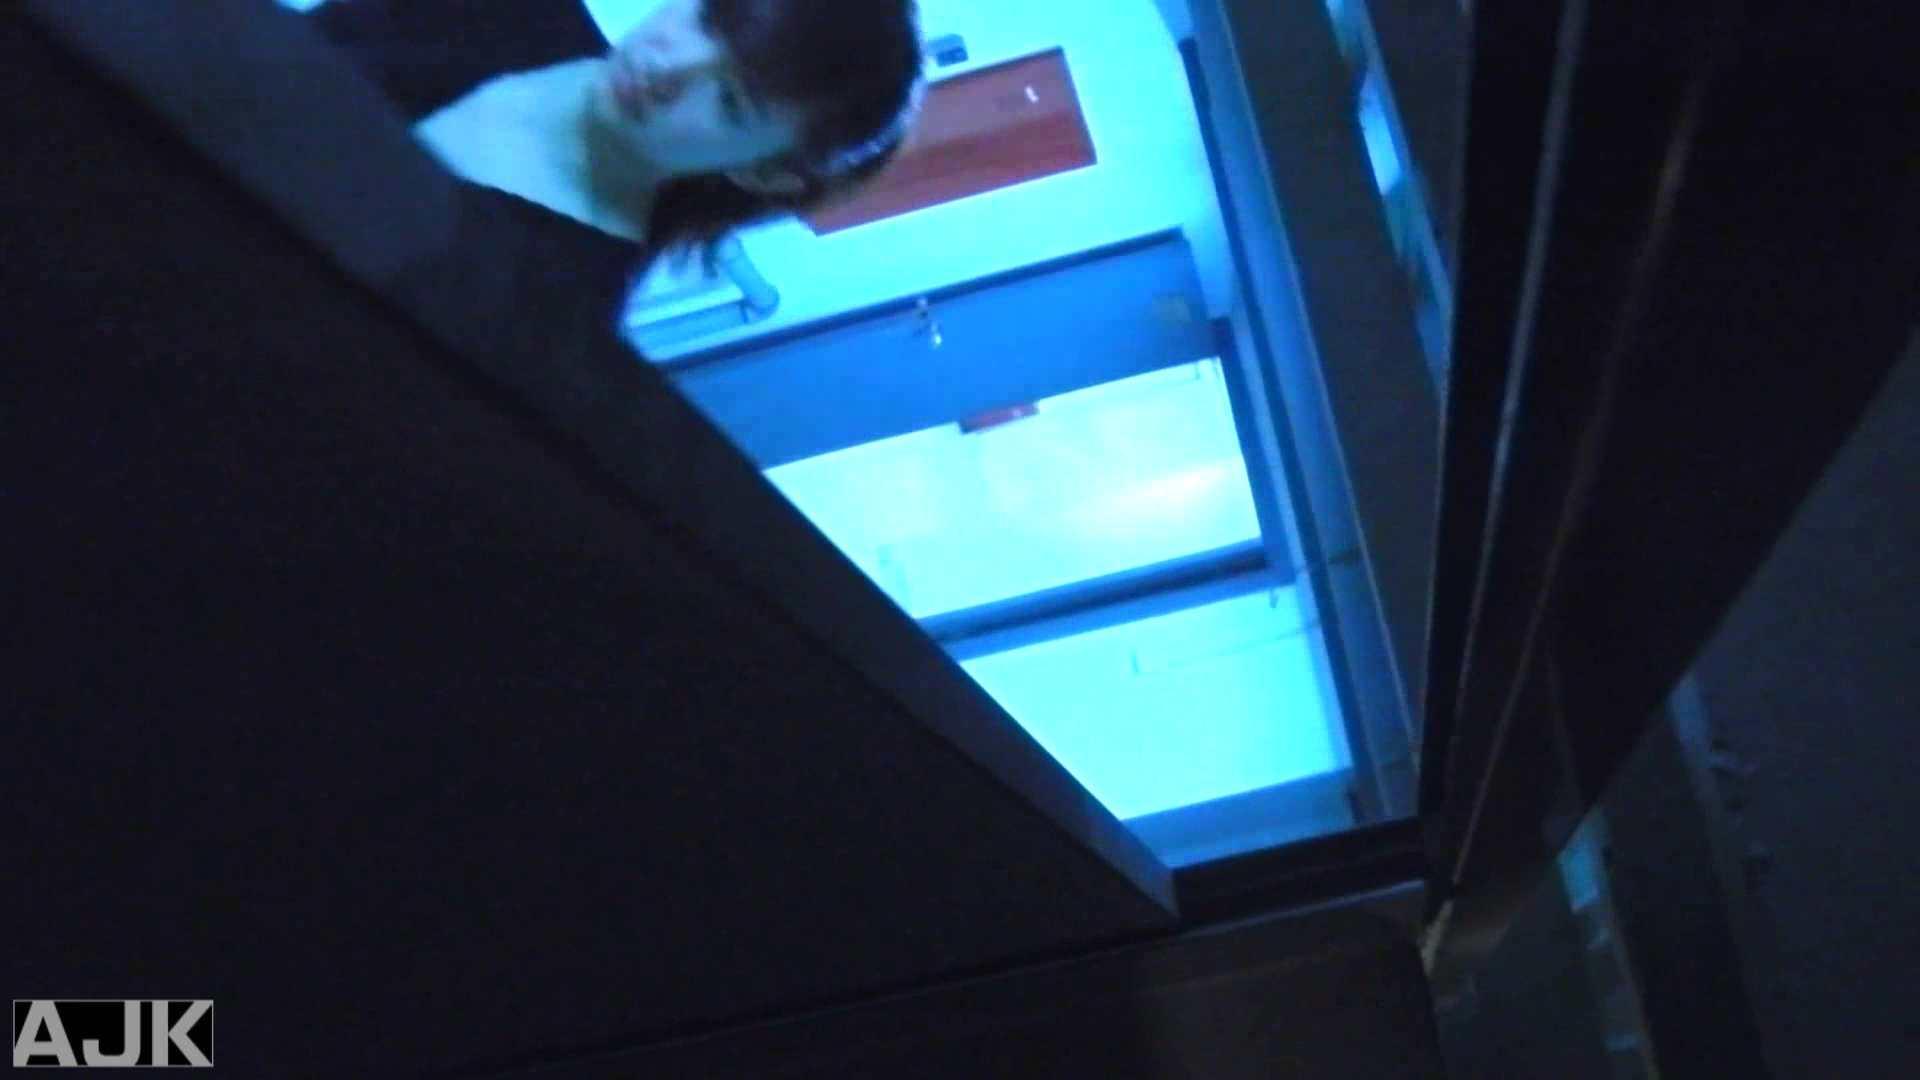 神降臨!史上最強の潜入かわや! vol.23 マンコ・ムレムレ われめAV動画紹介 96pic 96